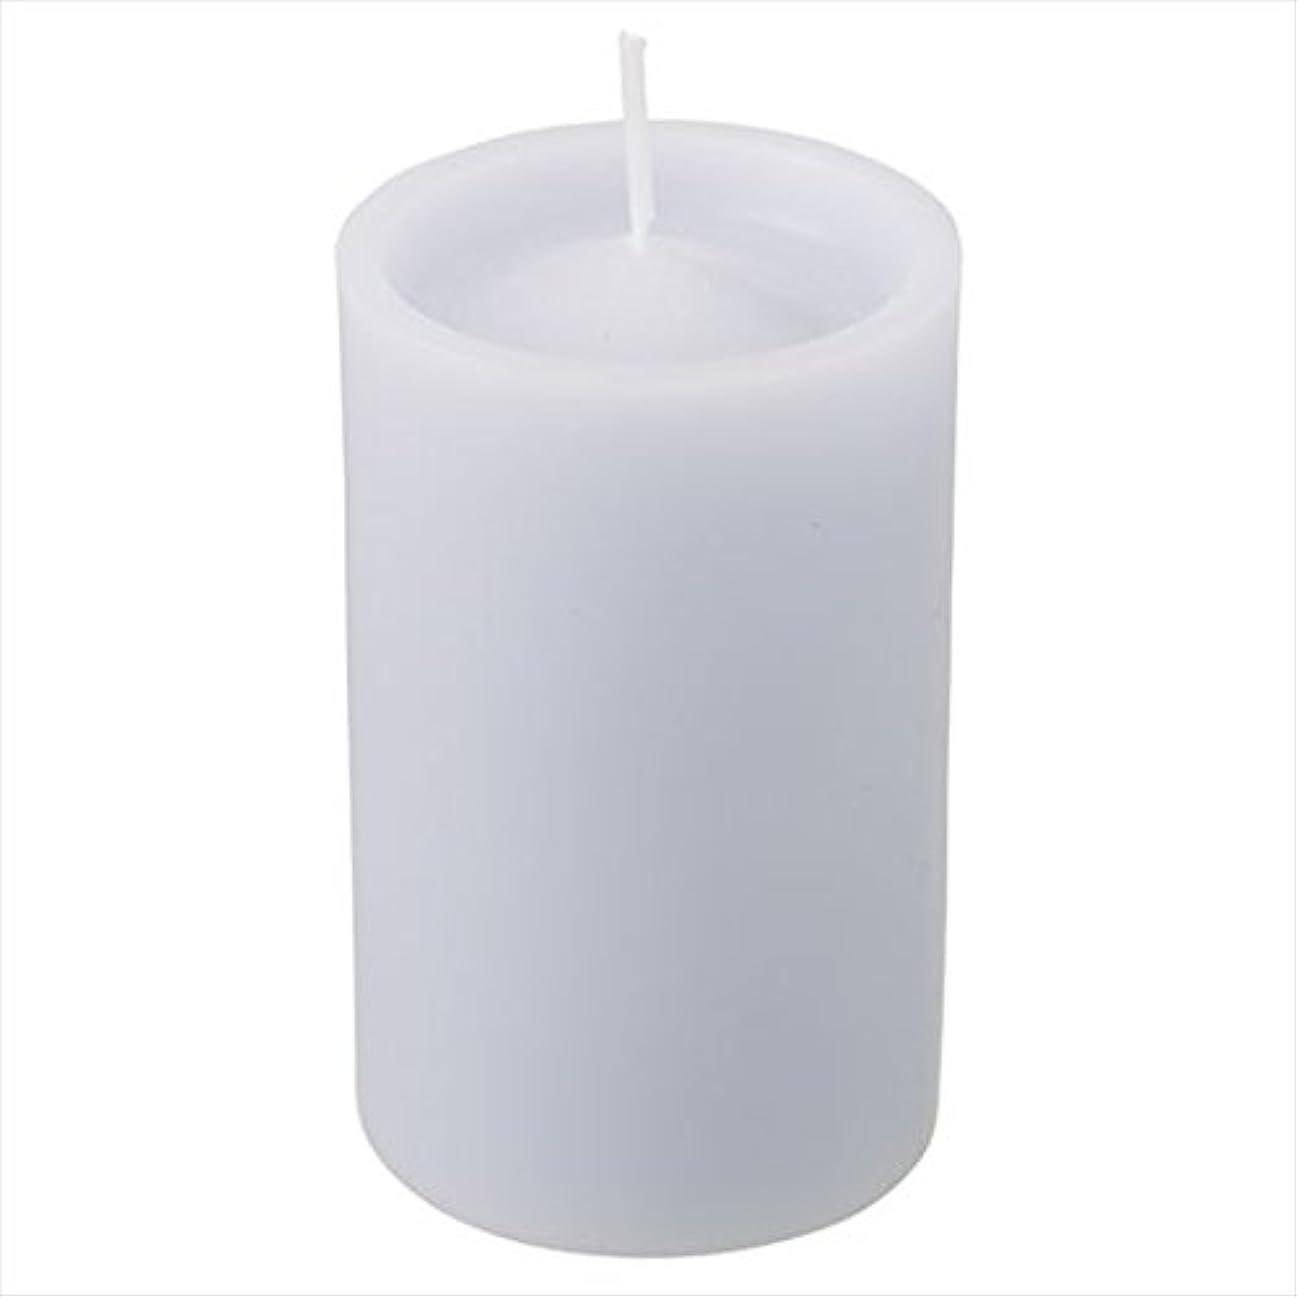 同等のに対処するすごいカメヤマキャンドル( kameyama candle ) ロイヤルラウンド60 「 グレー 」